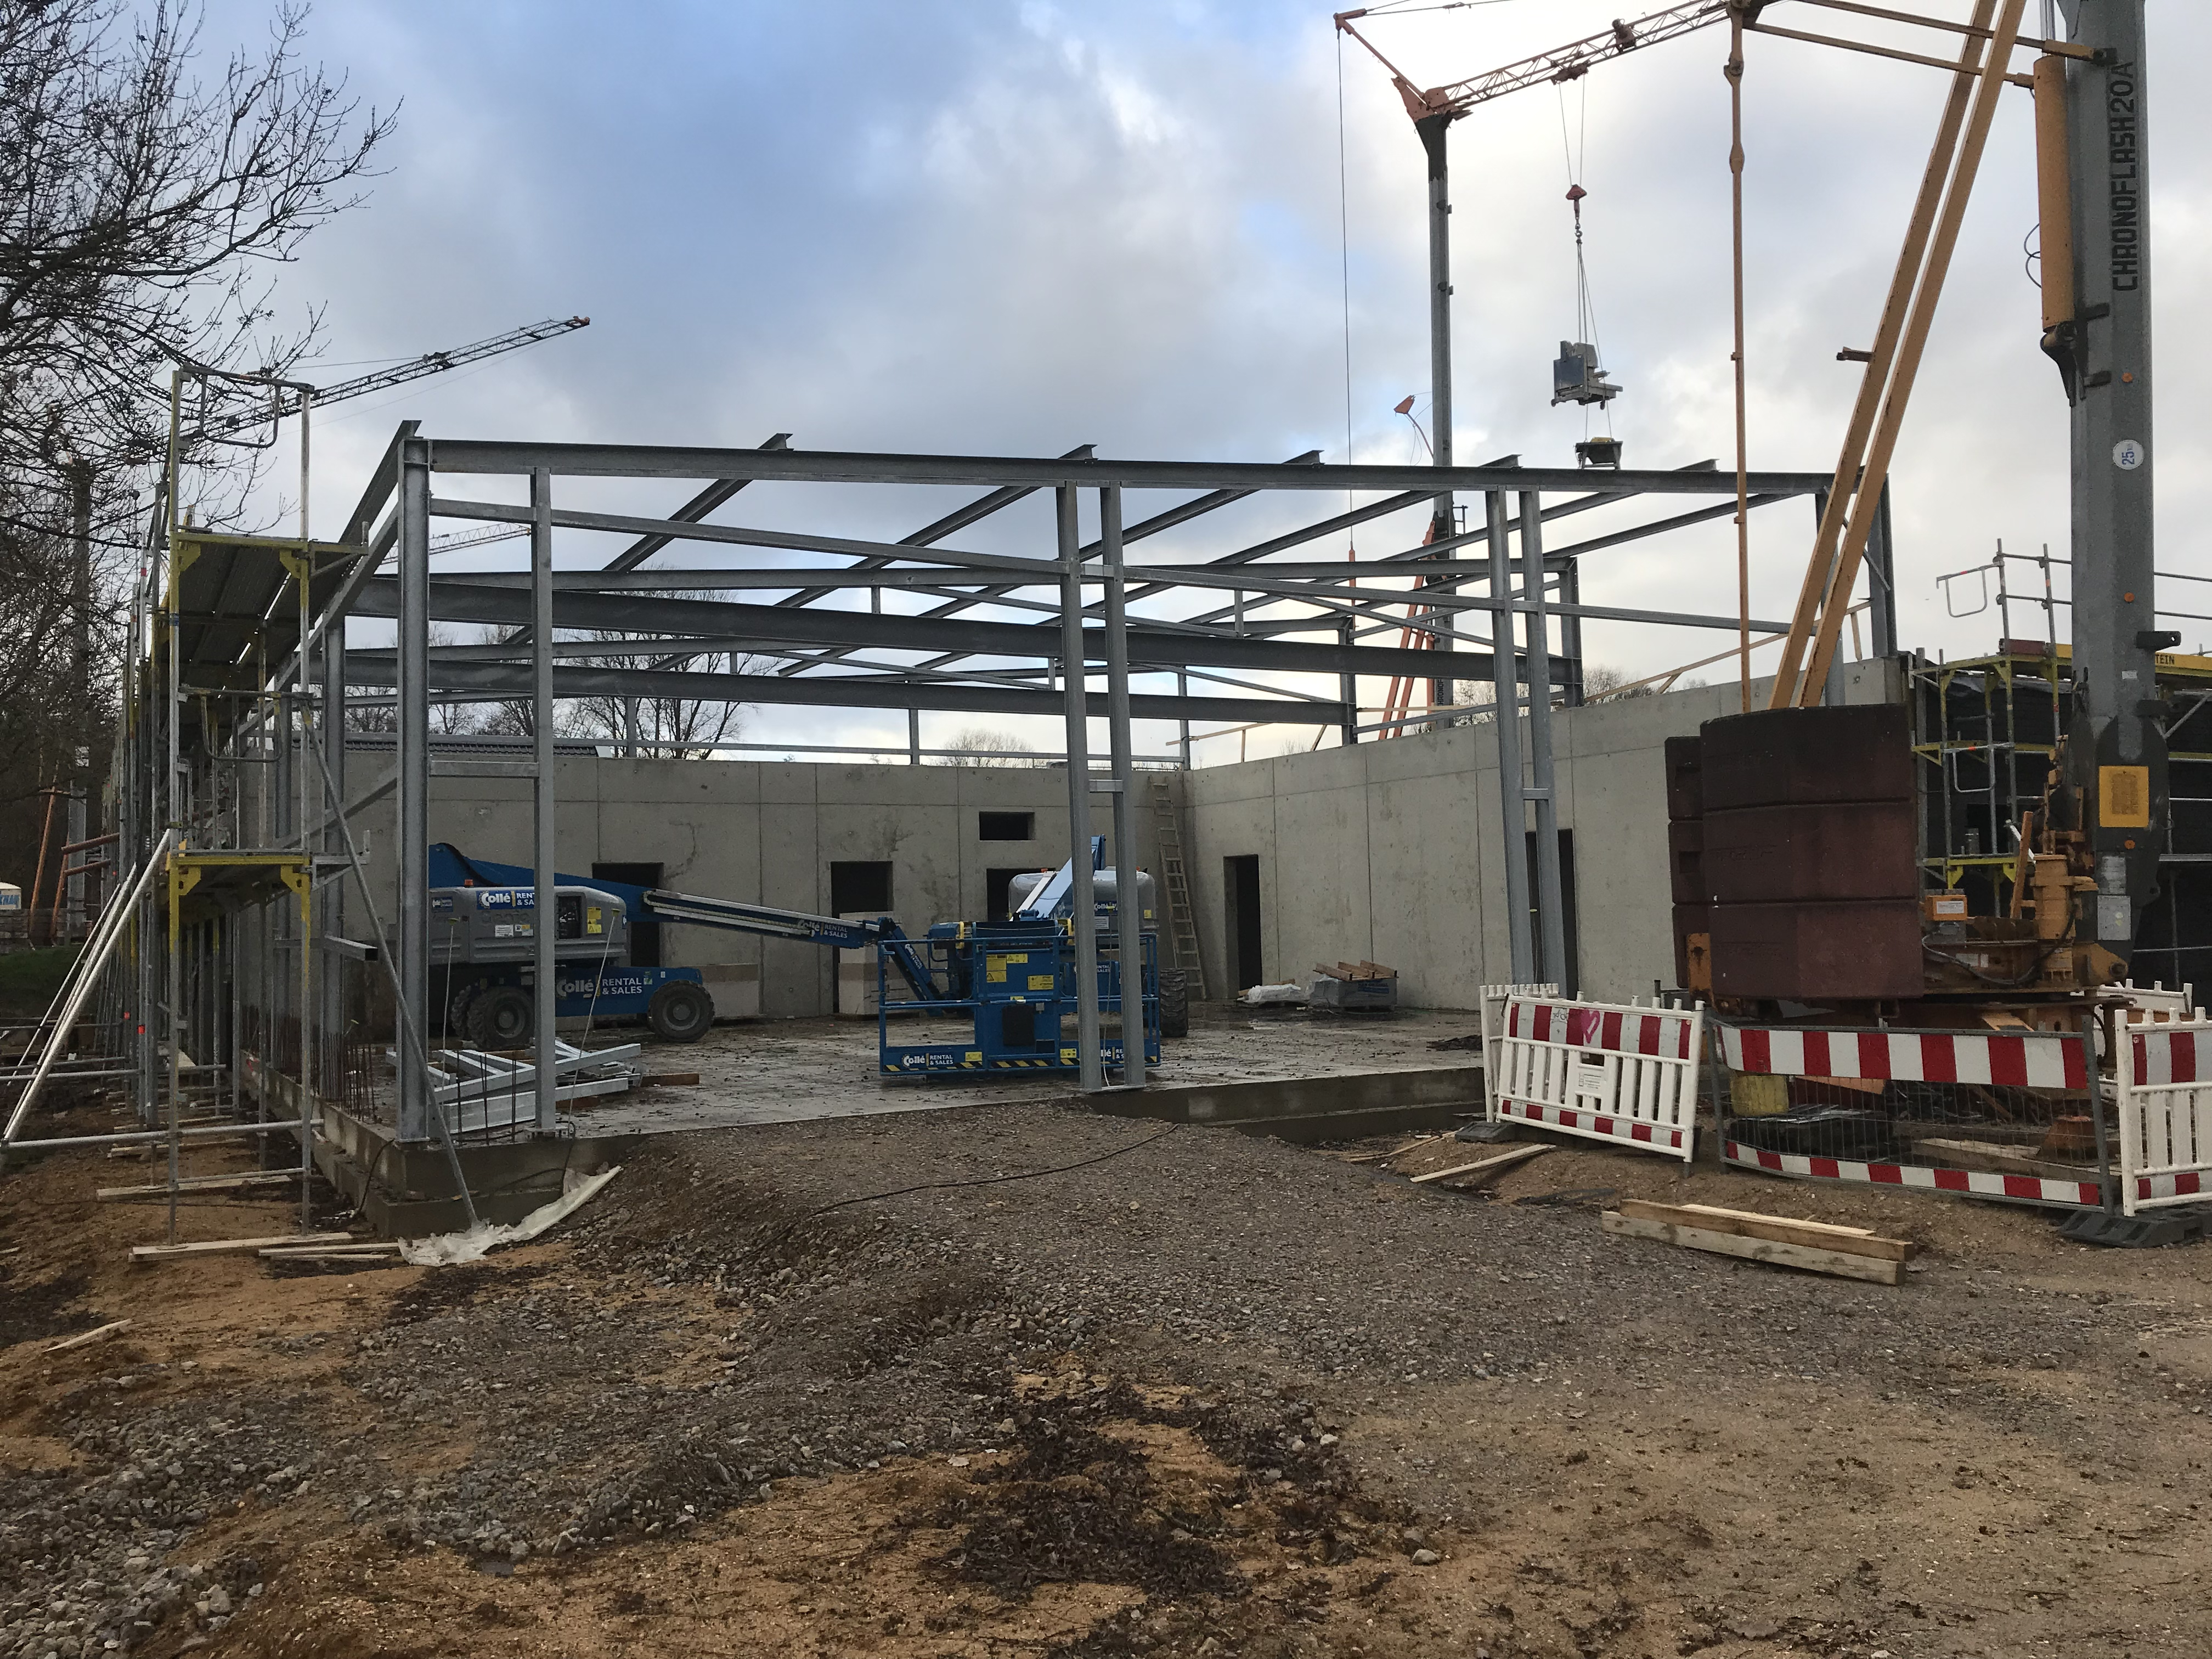 <p>Stahlhalle, Dacharbeiten, Innenwände und Klinker (22.12.2018) In den letzten Wochen wurde die Stahlhalle für die [&hellip;]</p>